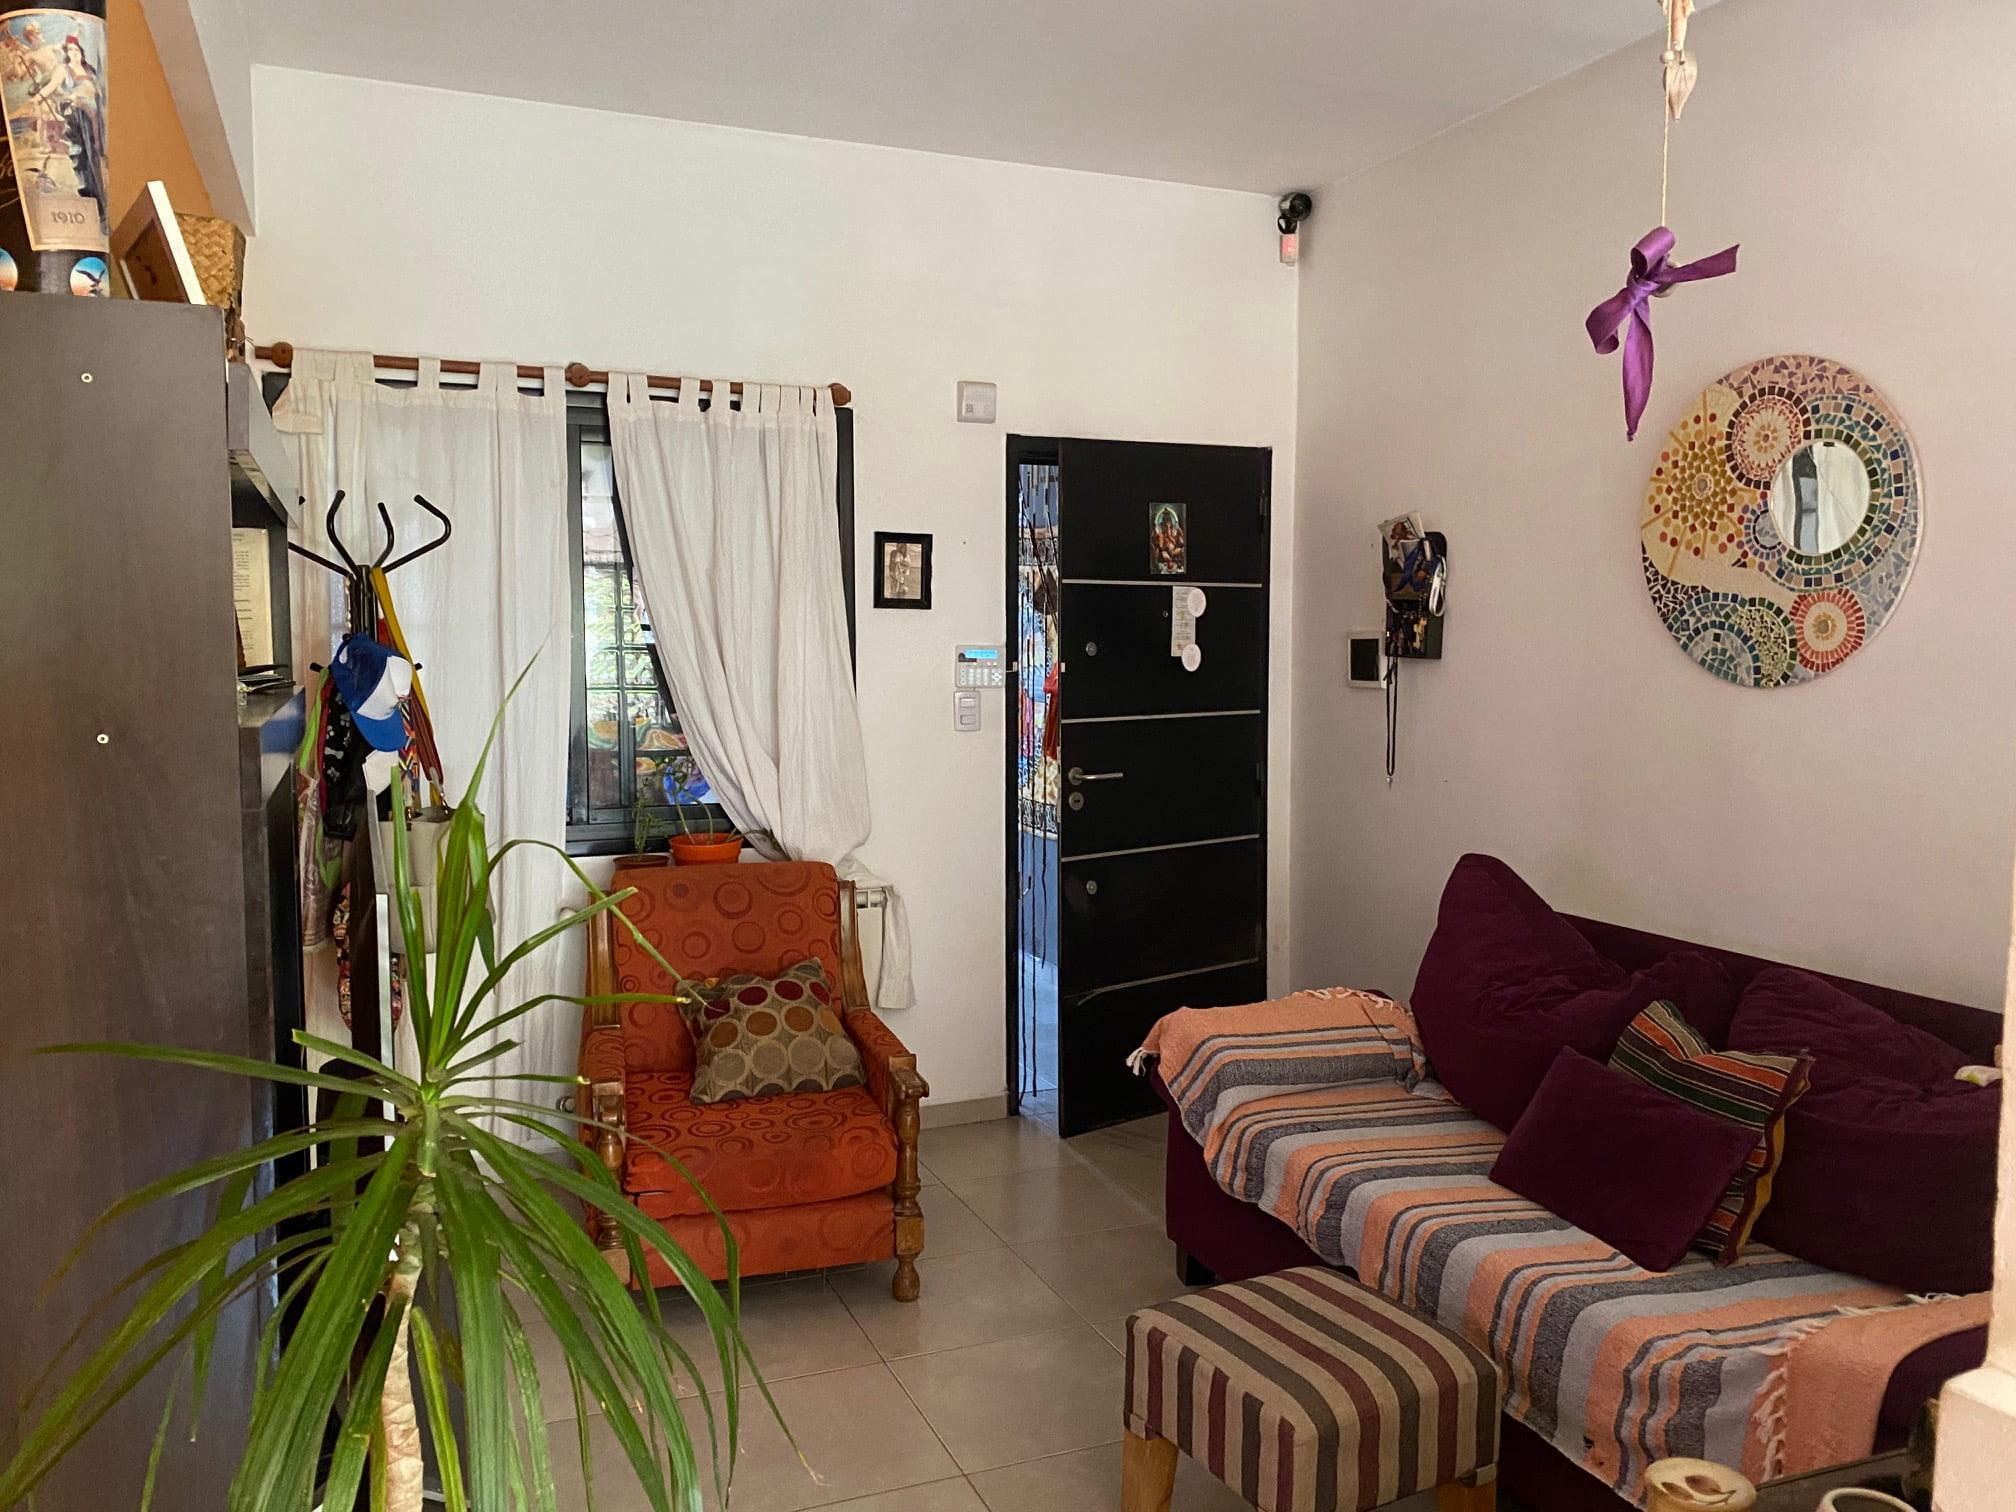 Duplex en Venta con renta , San Martin 4300.-